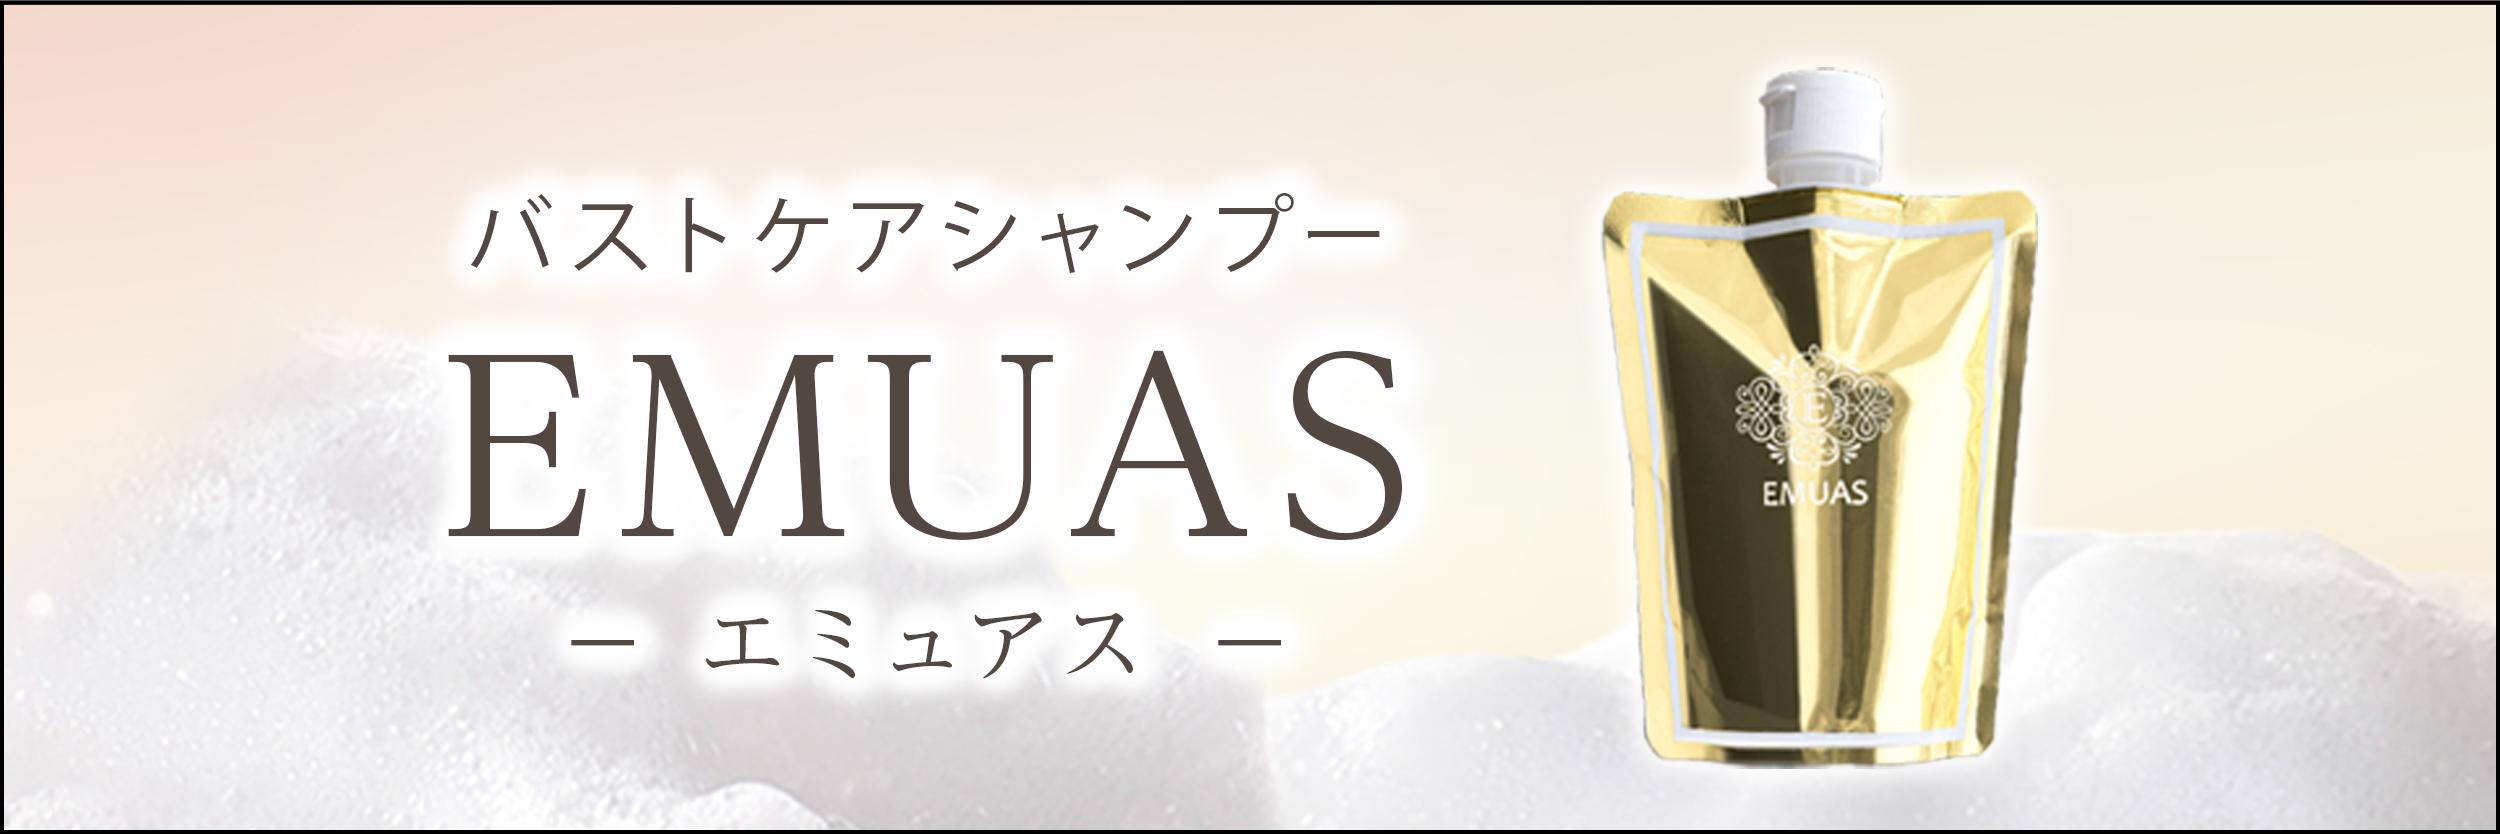 上質な泡パックで美胸メイク ― Emuas(エミュアス)